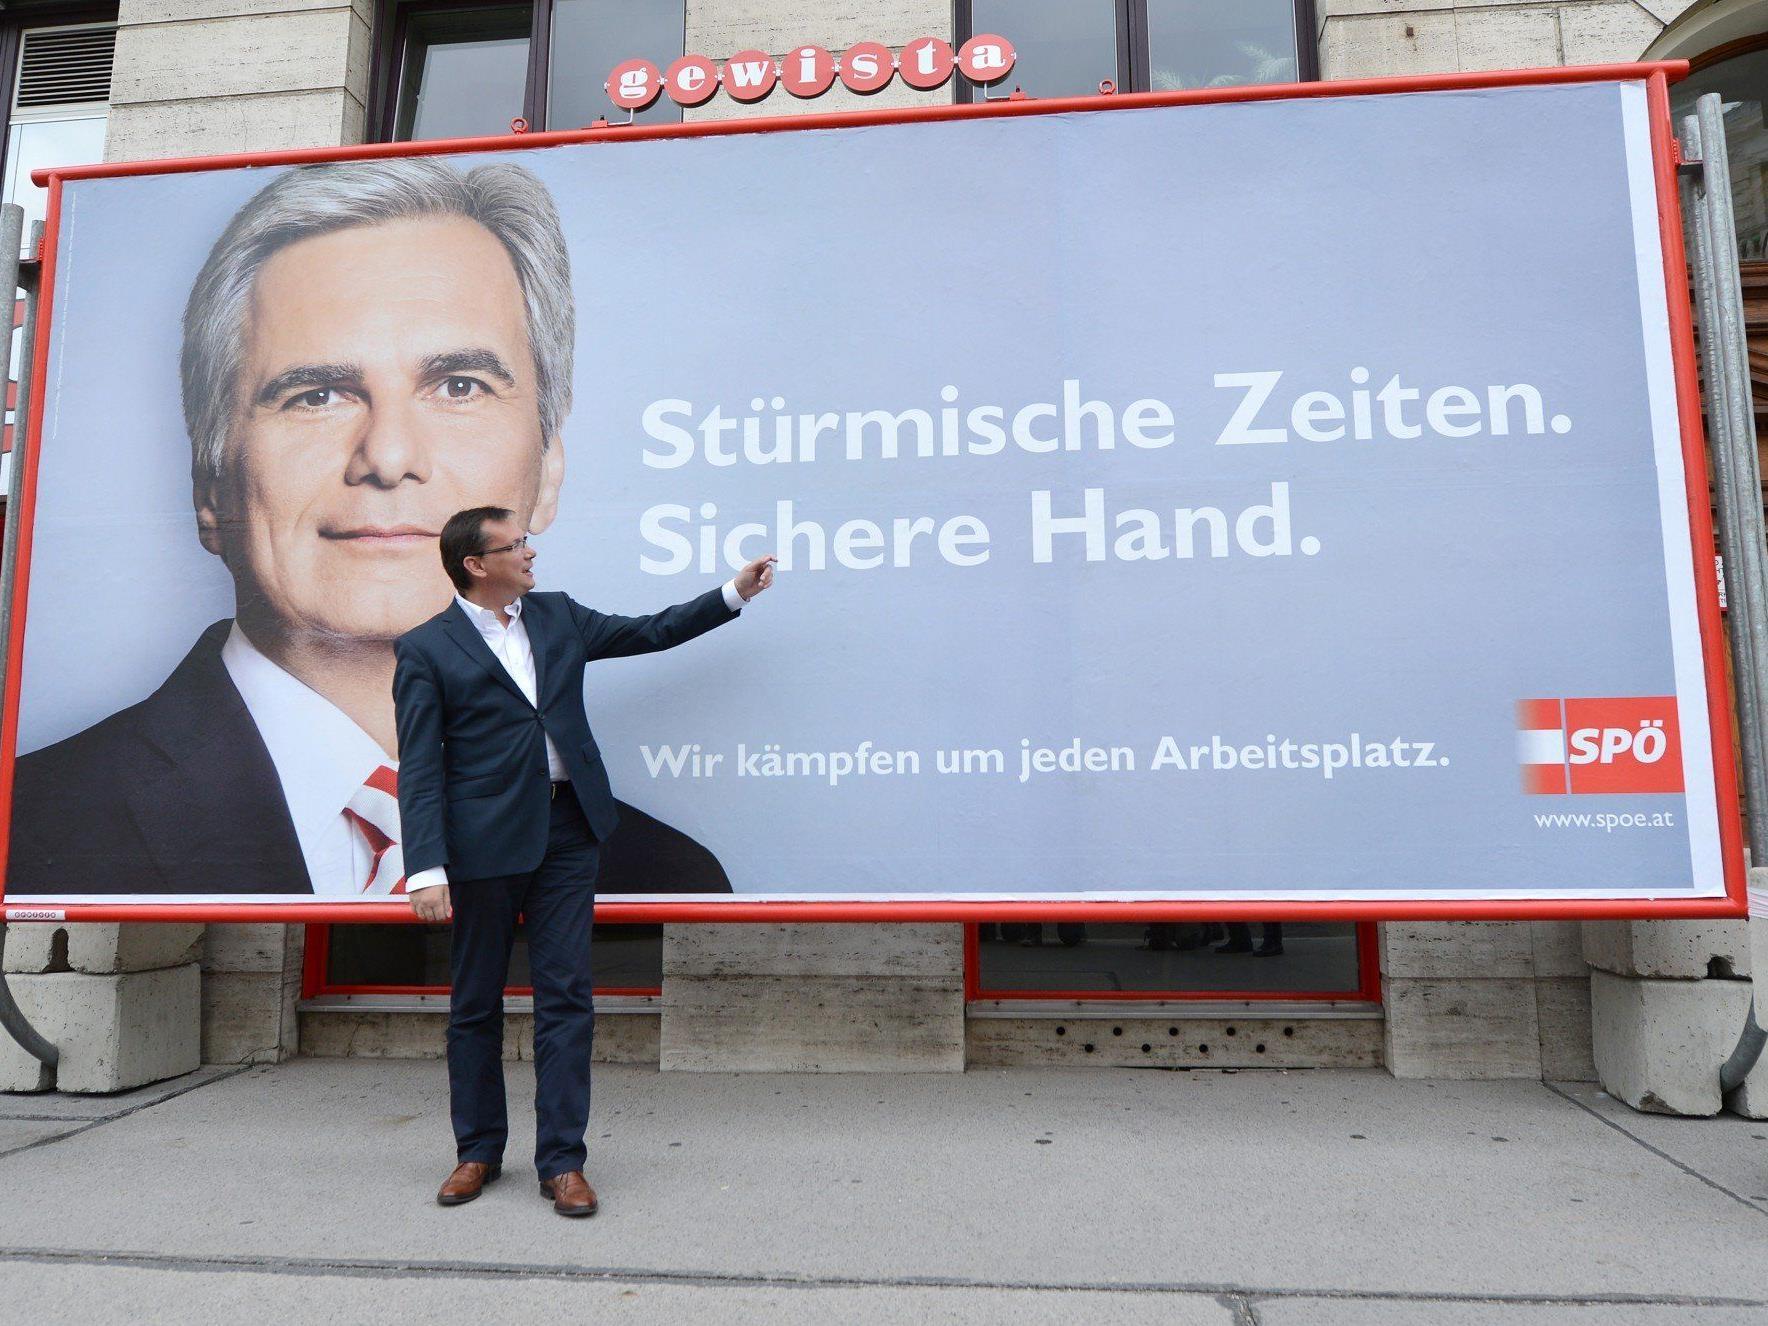 Klare Werbung für die SPÖ? - Experten sind sich nicht einig